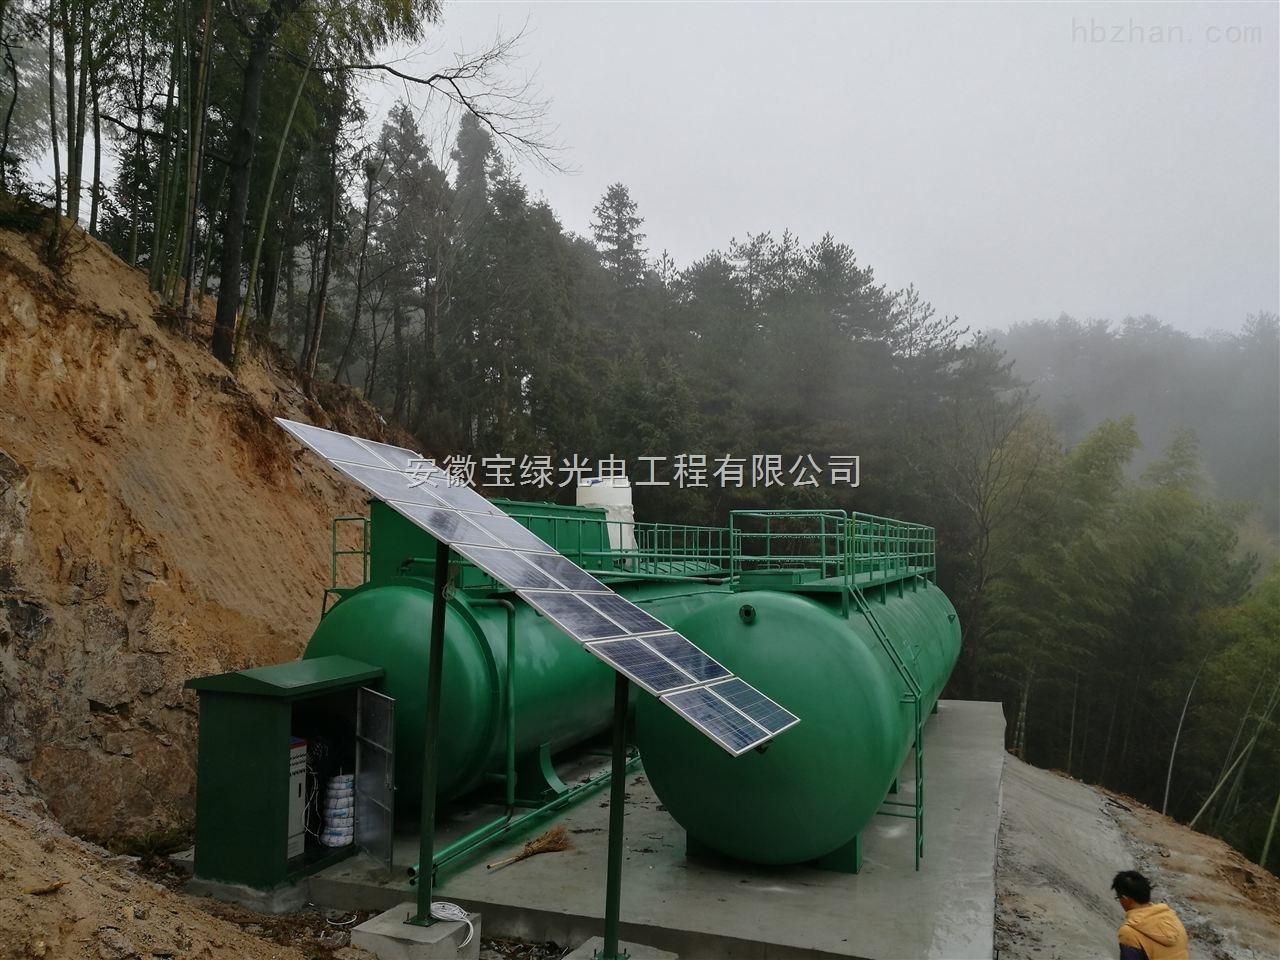 宝绿太阳能地理式污水处理设备